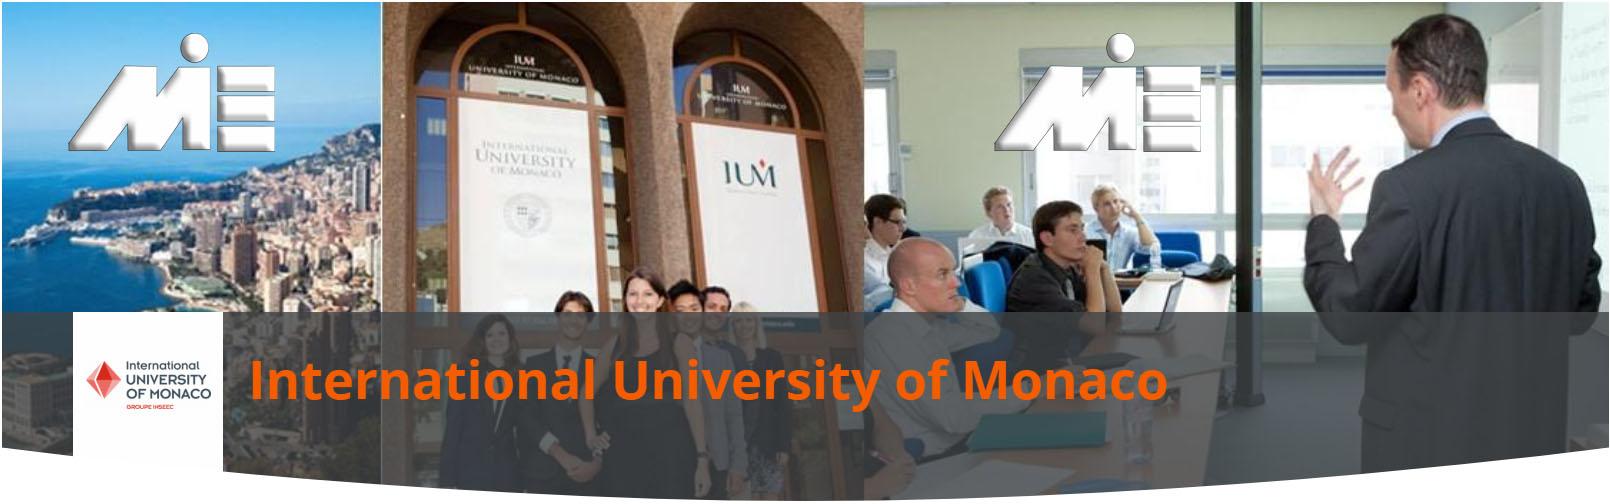 تحصیل در دانشگاه بین المللی موناکو ـ تحصیل در مدرسه بازرگانی موناکو